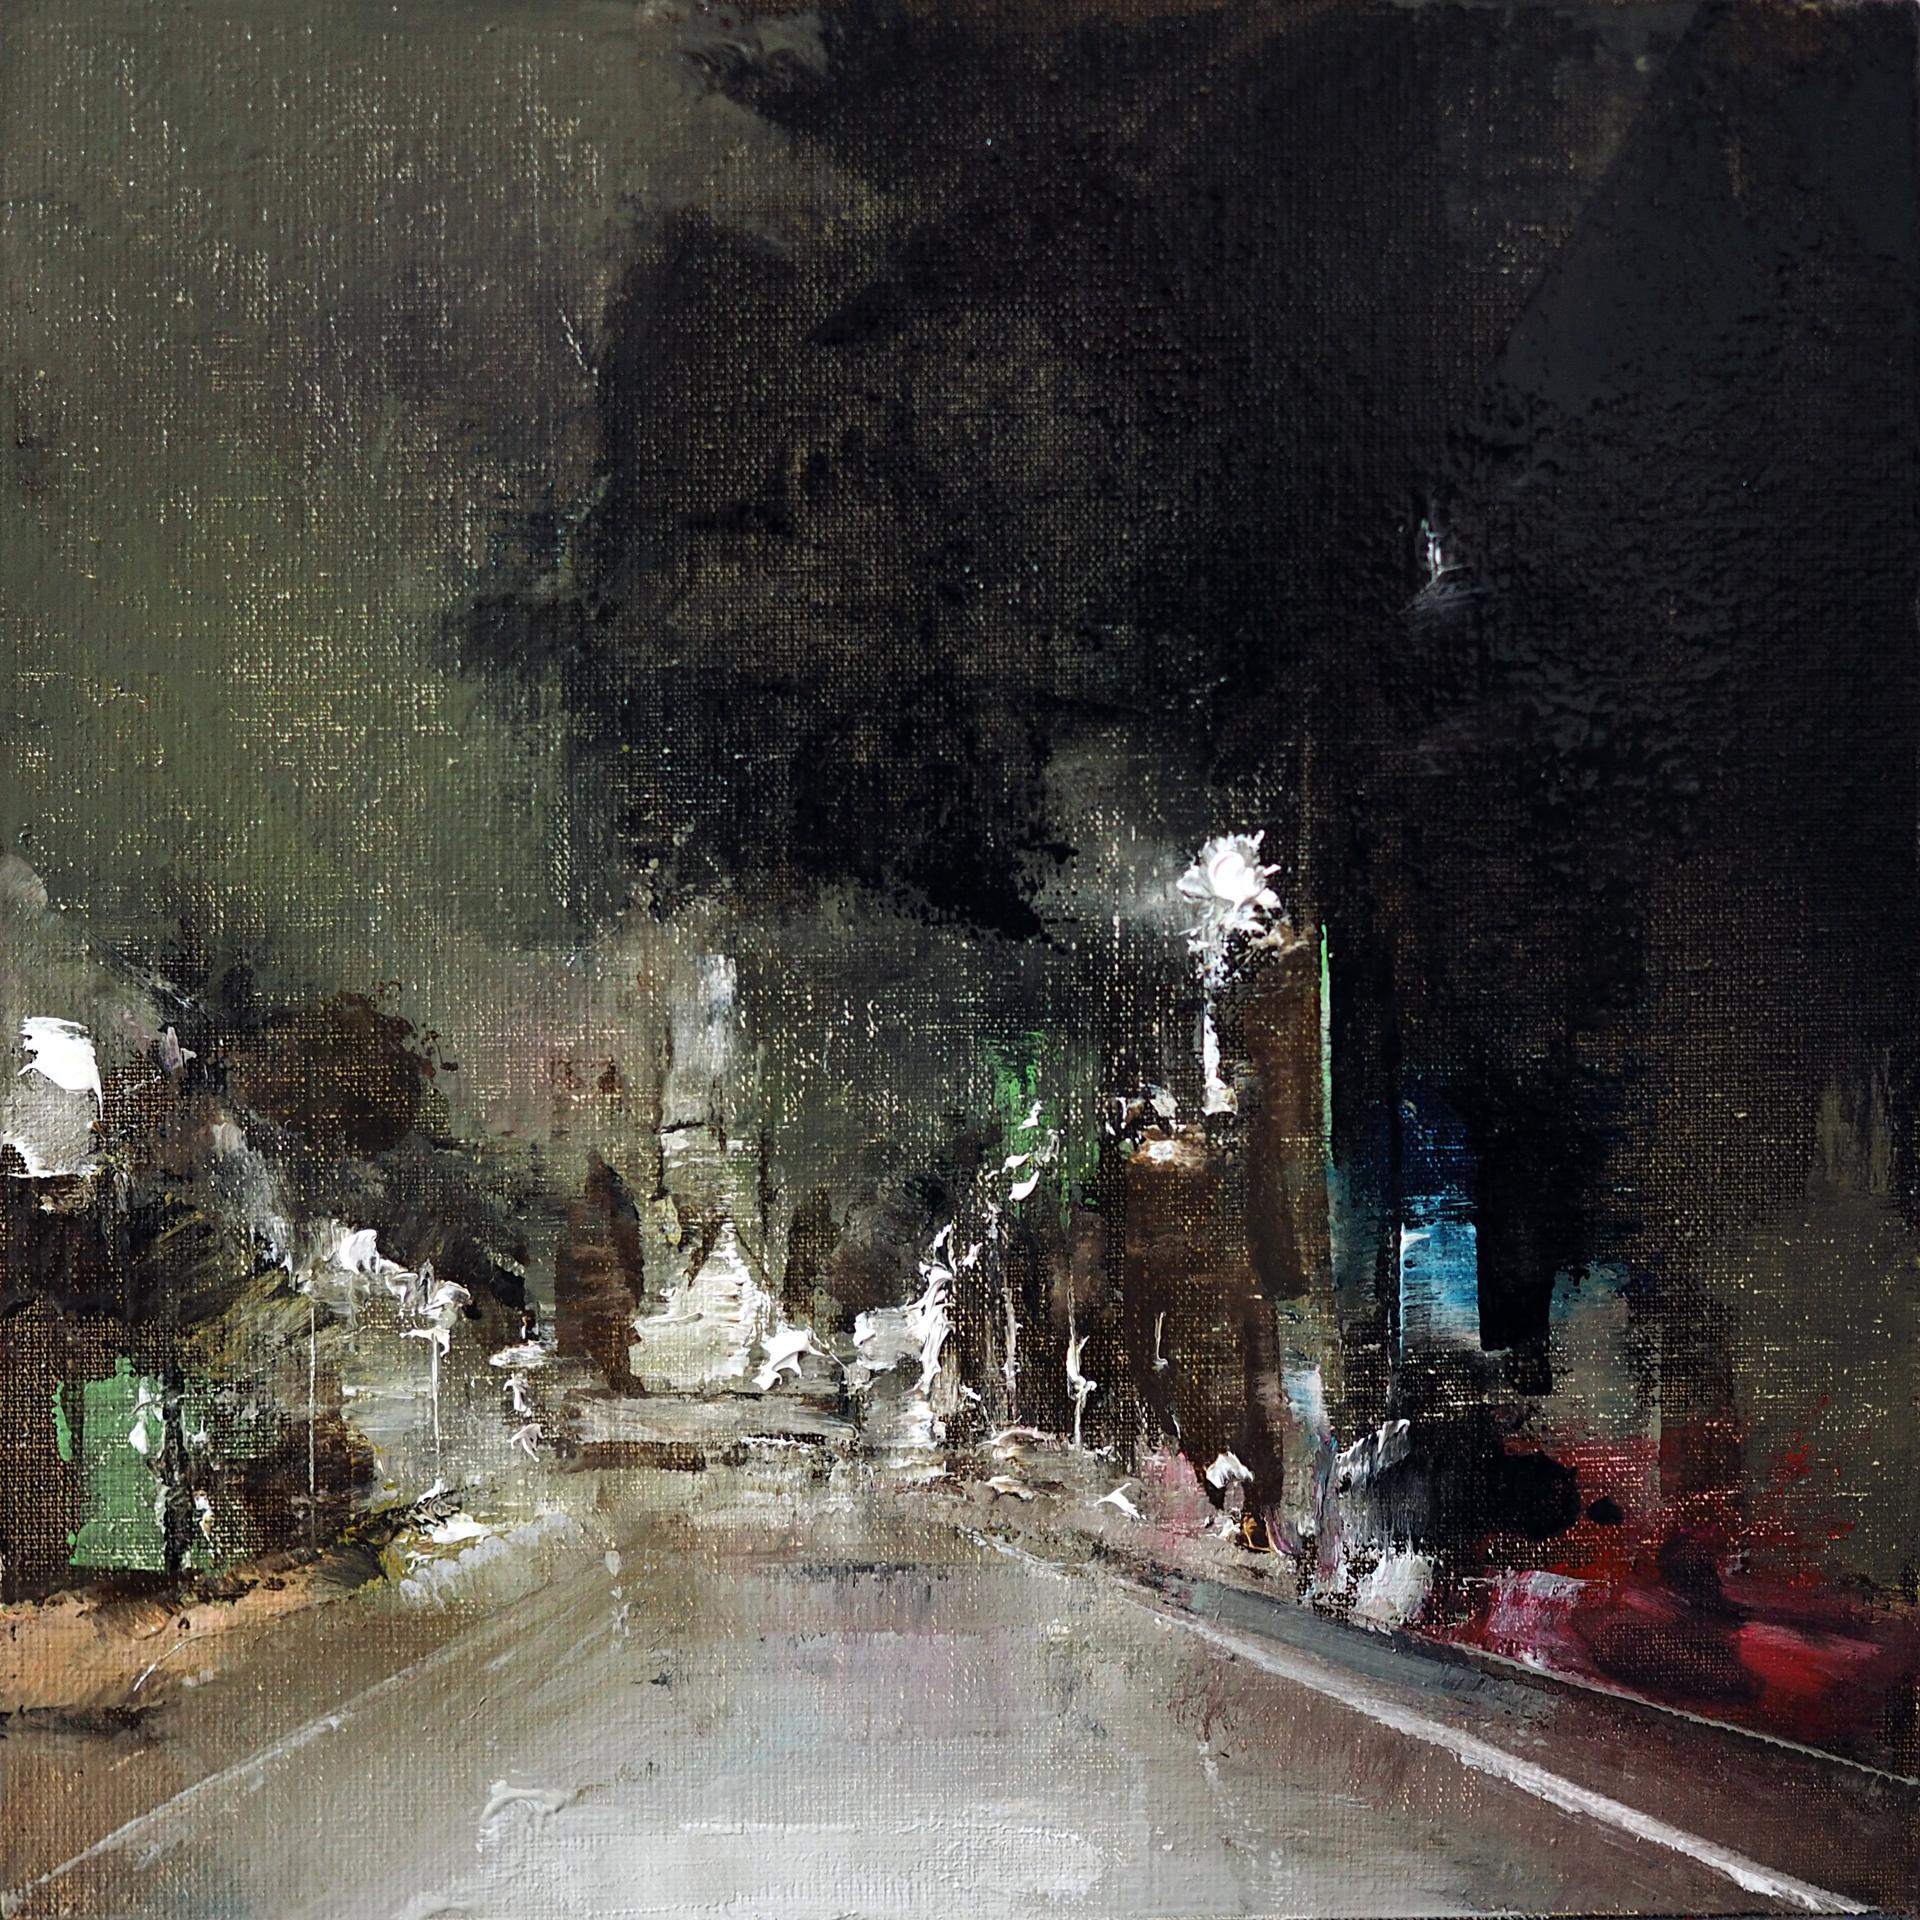 Traffic Study V by Heiko Mattausch